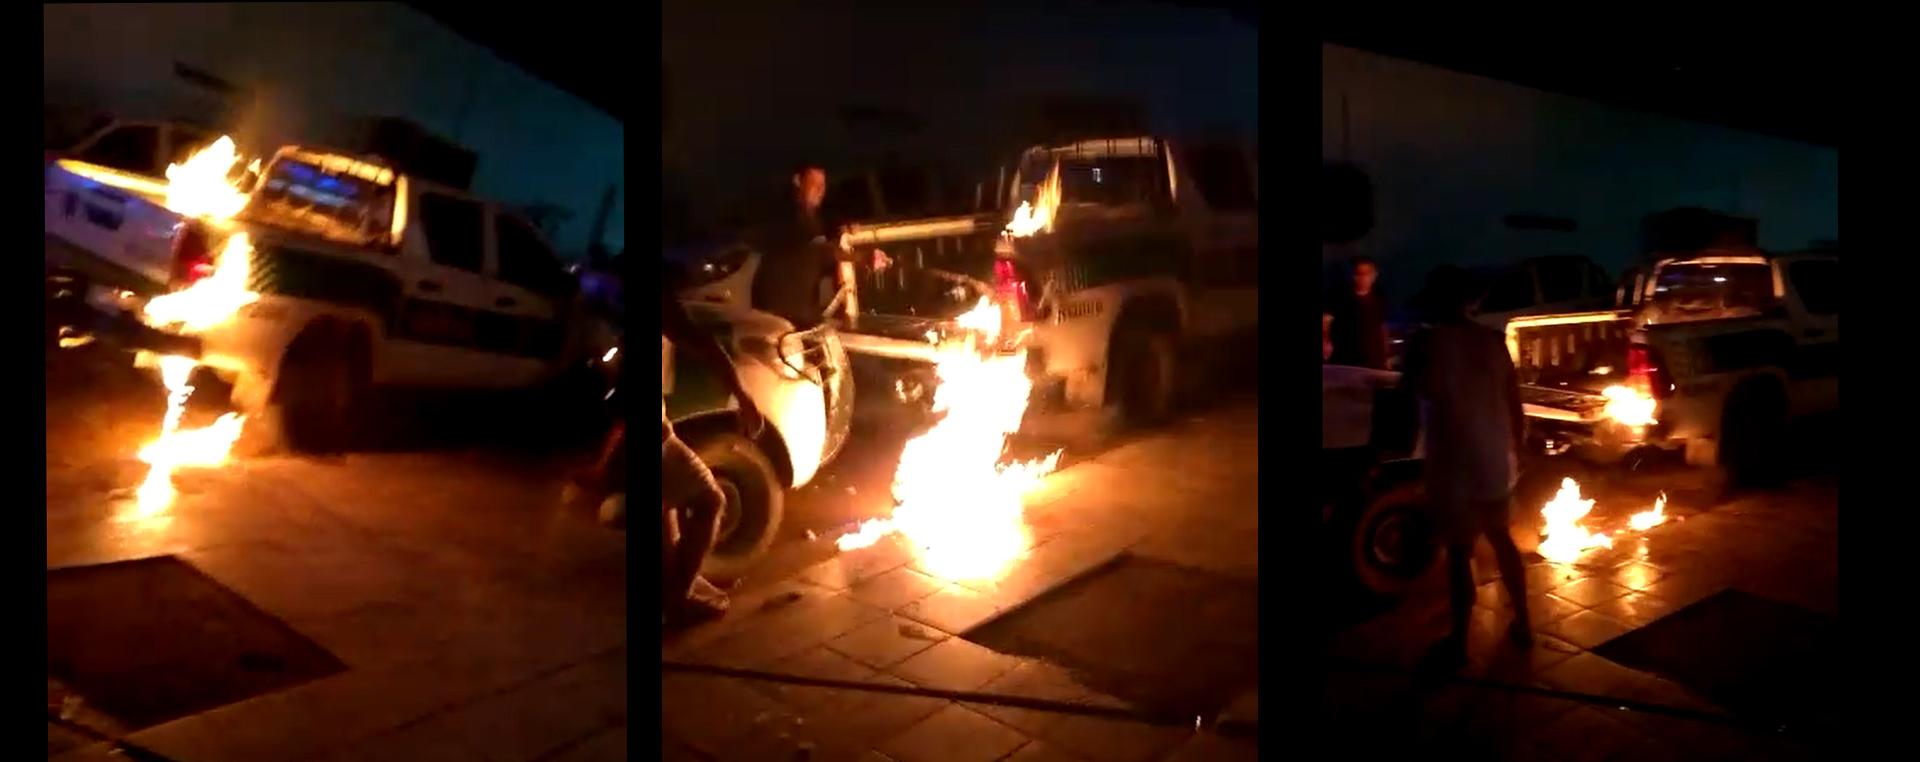 Homem ataca com fogo veículos do Ibama e diz que foi por vingança, em Rondônia